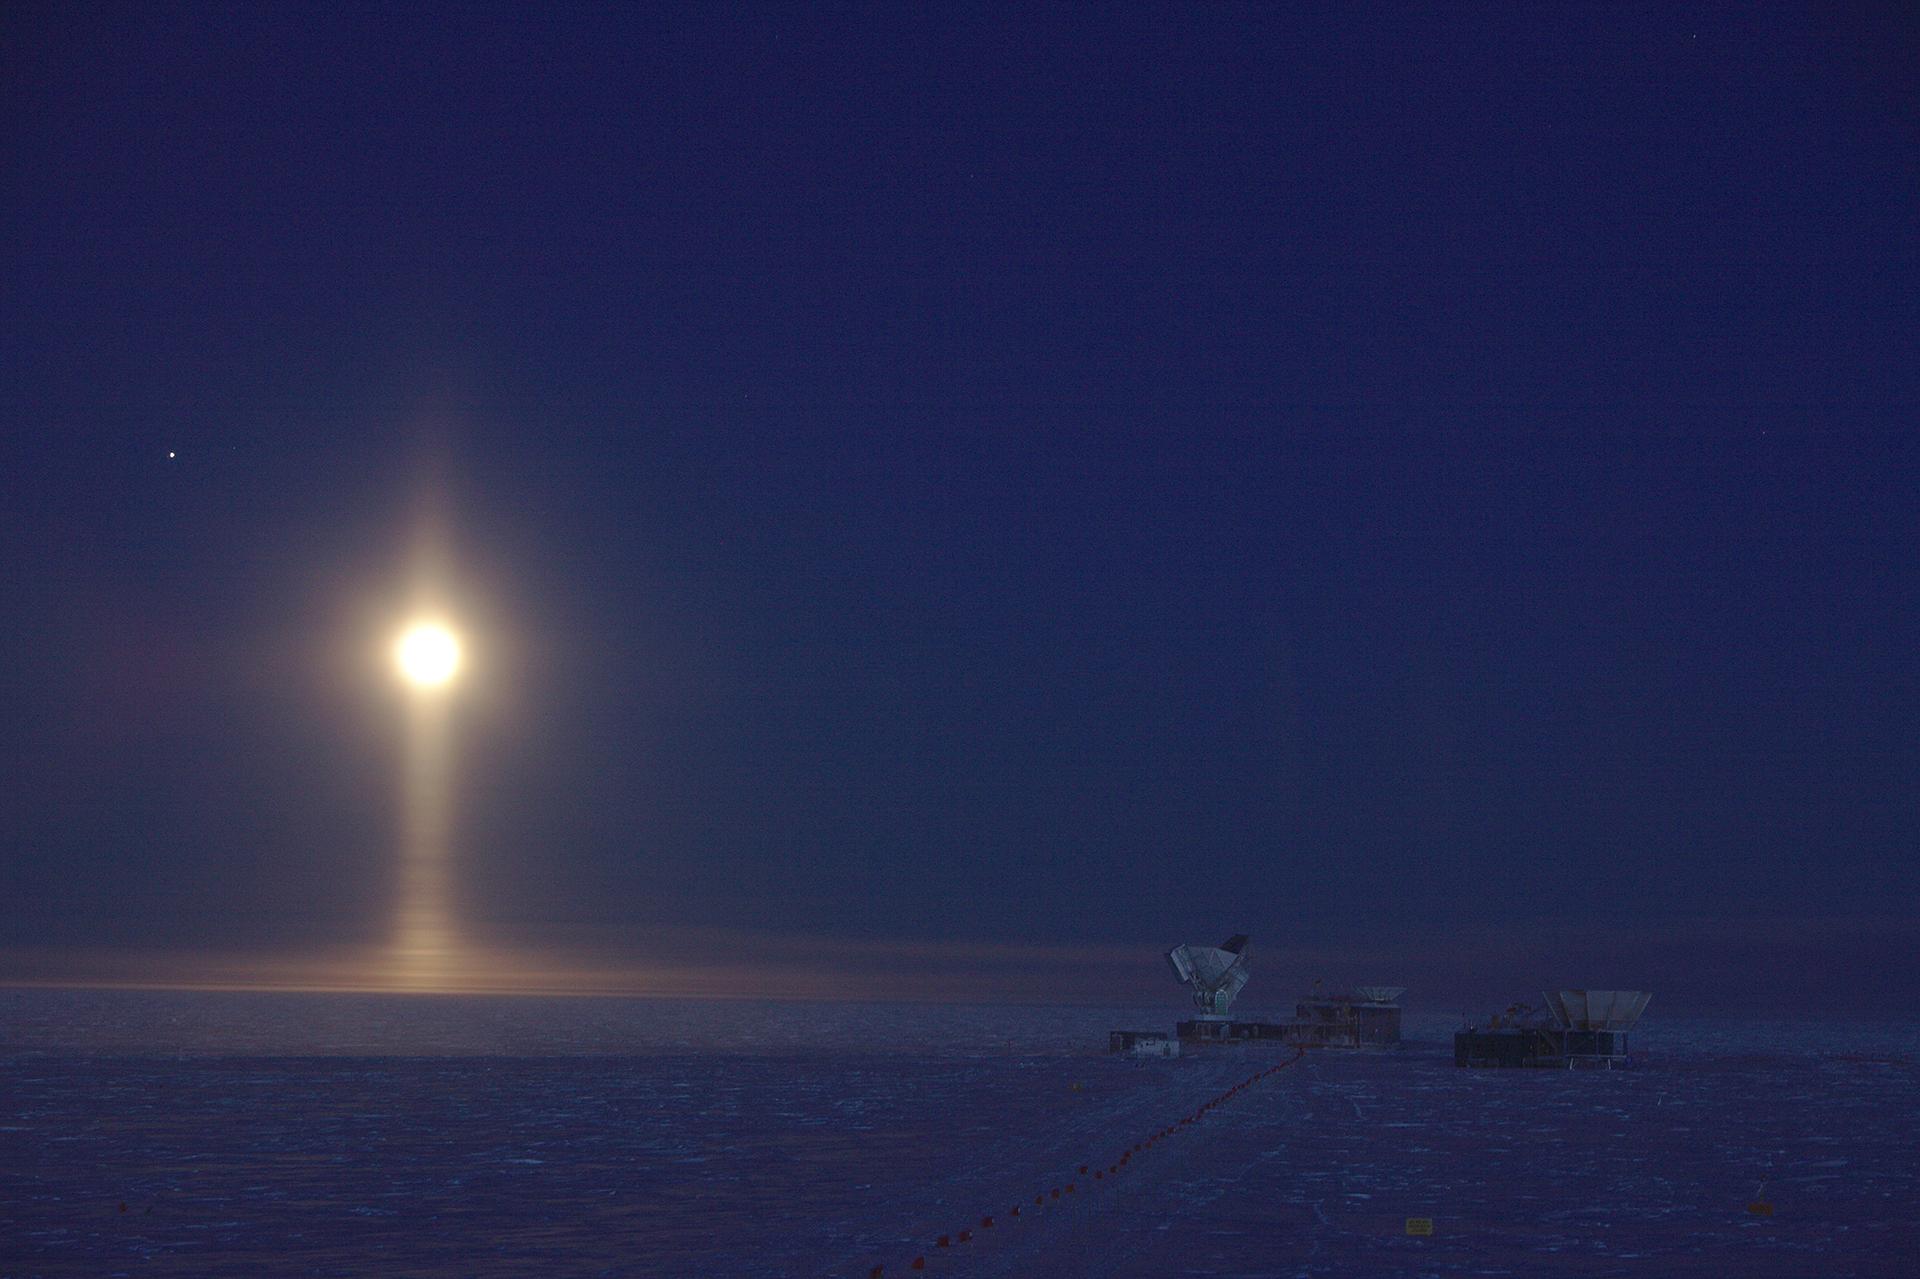 """Ganadora de la categoría Astronomía. """"Proyector lunar, Polo Sur, Antártida"""", por Daniel Michalik. Los cristales de hielo suspendidos en la atmósfera crean un raro fenómeno óptico: un pilar de luz debajo de la Luna. Tres de los telescopios ubicados en el polo sur son visibles a la derecha de la imagen. Una línea de banderas ayuda a encontrar el camino a los telescopios durante los cinco meses de oscuridad continua. Júpiter es visible como un punto brillante a la izquierda de la Luna. El fotógrafo actualmente está invernando en el Polo Sur y trabajando para el Telescopio del Polo Sur de 10 m, el plato de radio más a la izquierda visible en la imagen. La imagen se tomó como una sola exposición larga a -60 ° C con ajustes menores de contraste y exposición"""